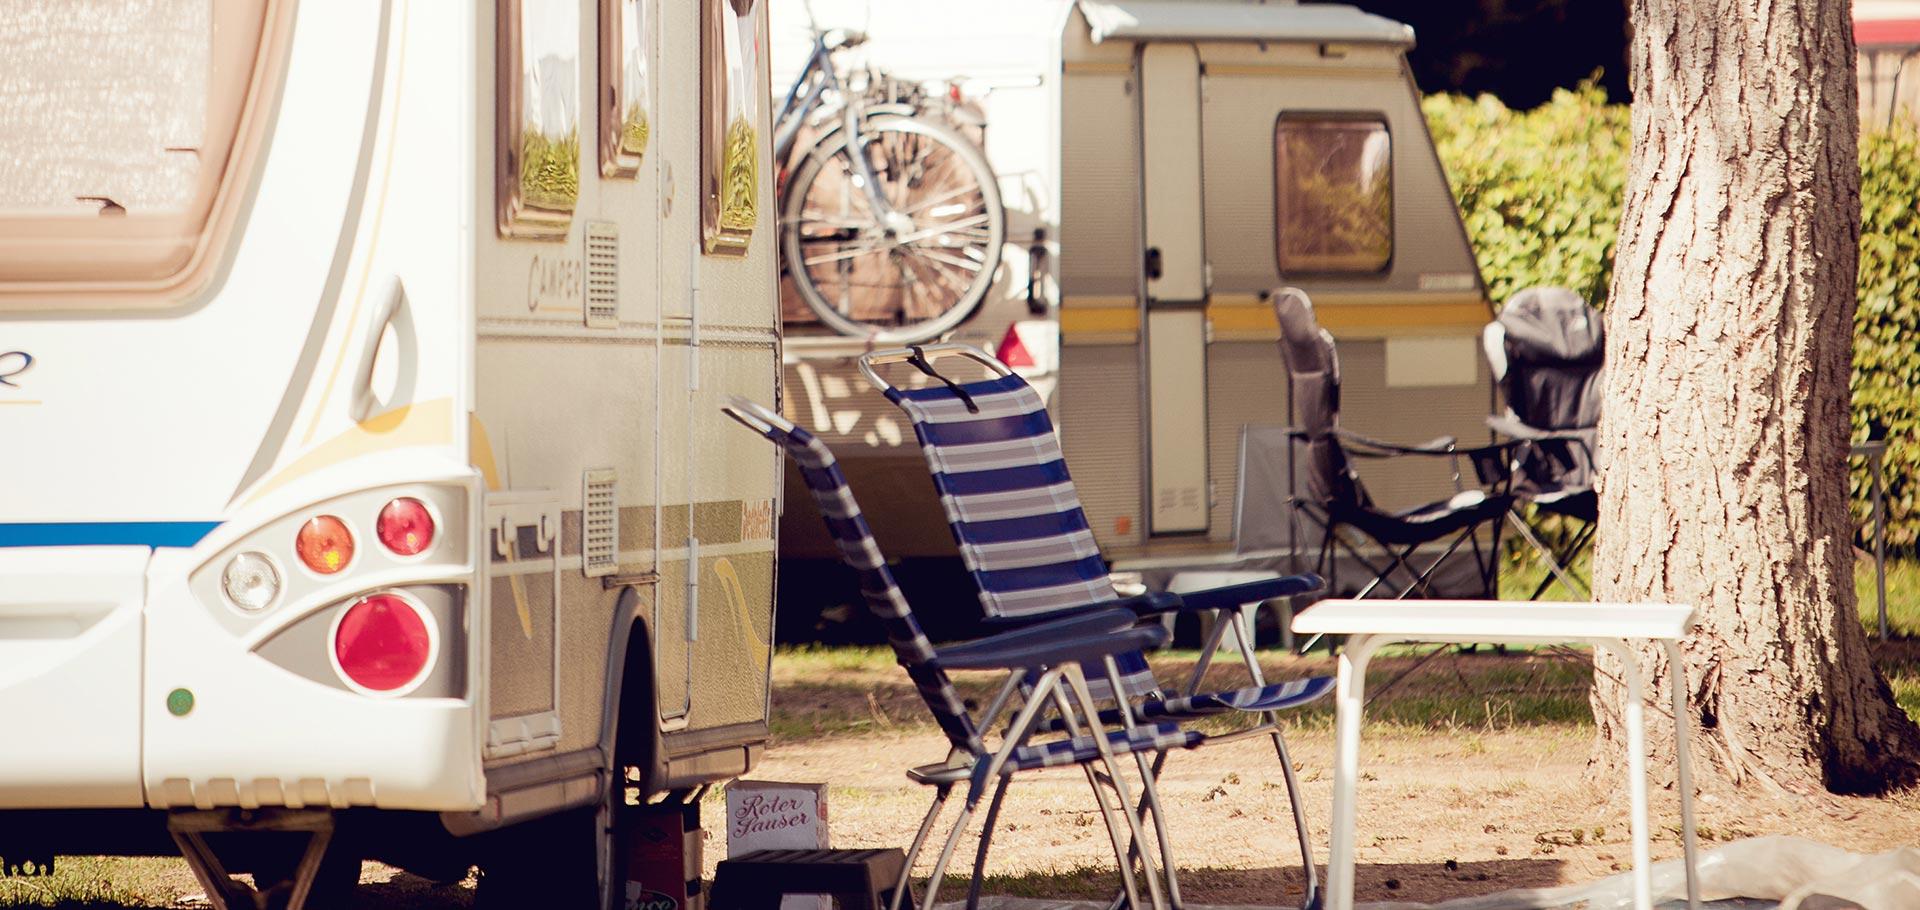 Camping_Martbusch_Berdorf_Luxemburg_Unsere_Stellplaetze_03